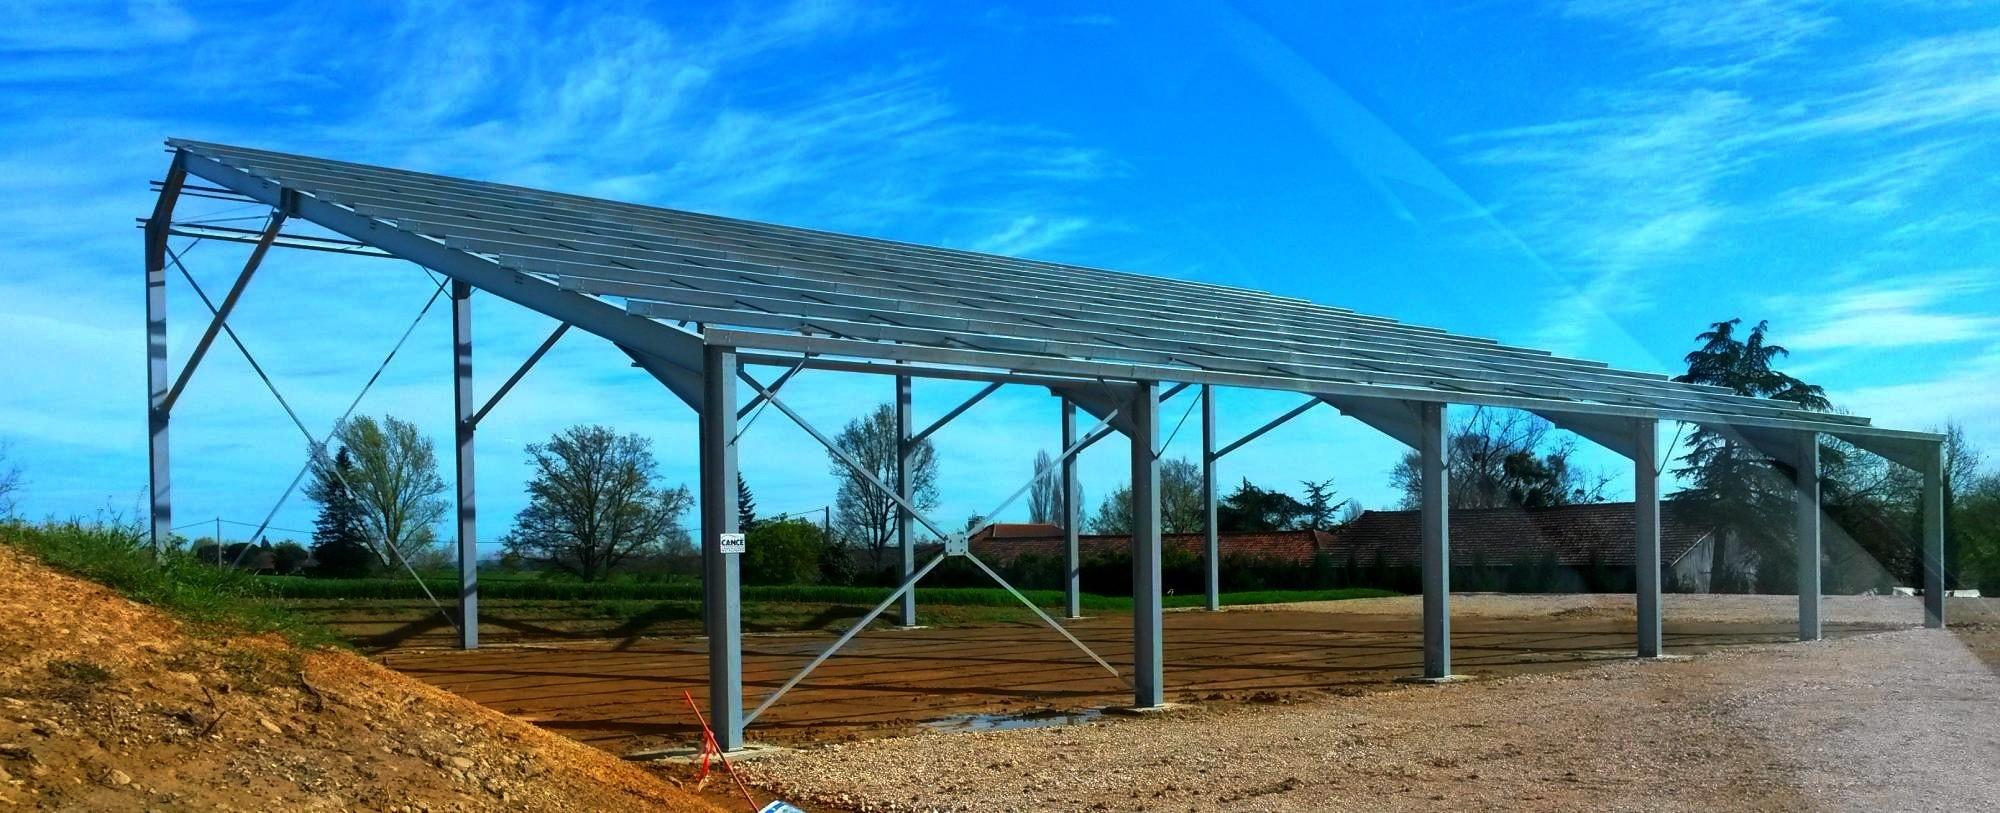 Construction de b timents photovolta ques agricoles et industriels b timent photovolta que - Hangar photovoltaique agricole gratuit ...